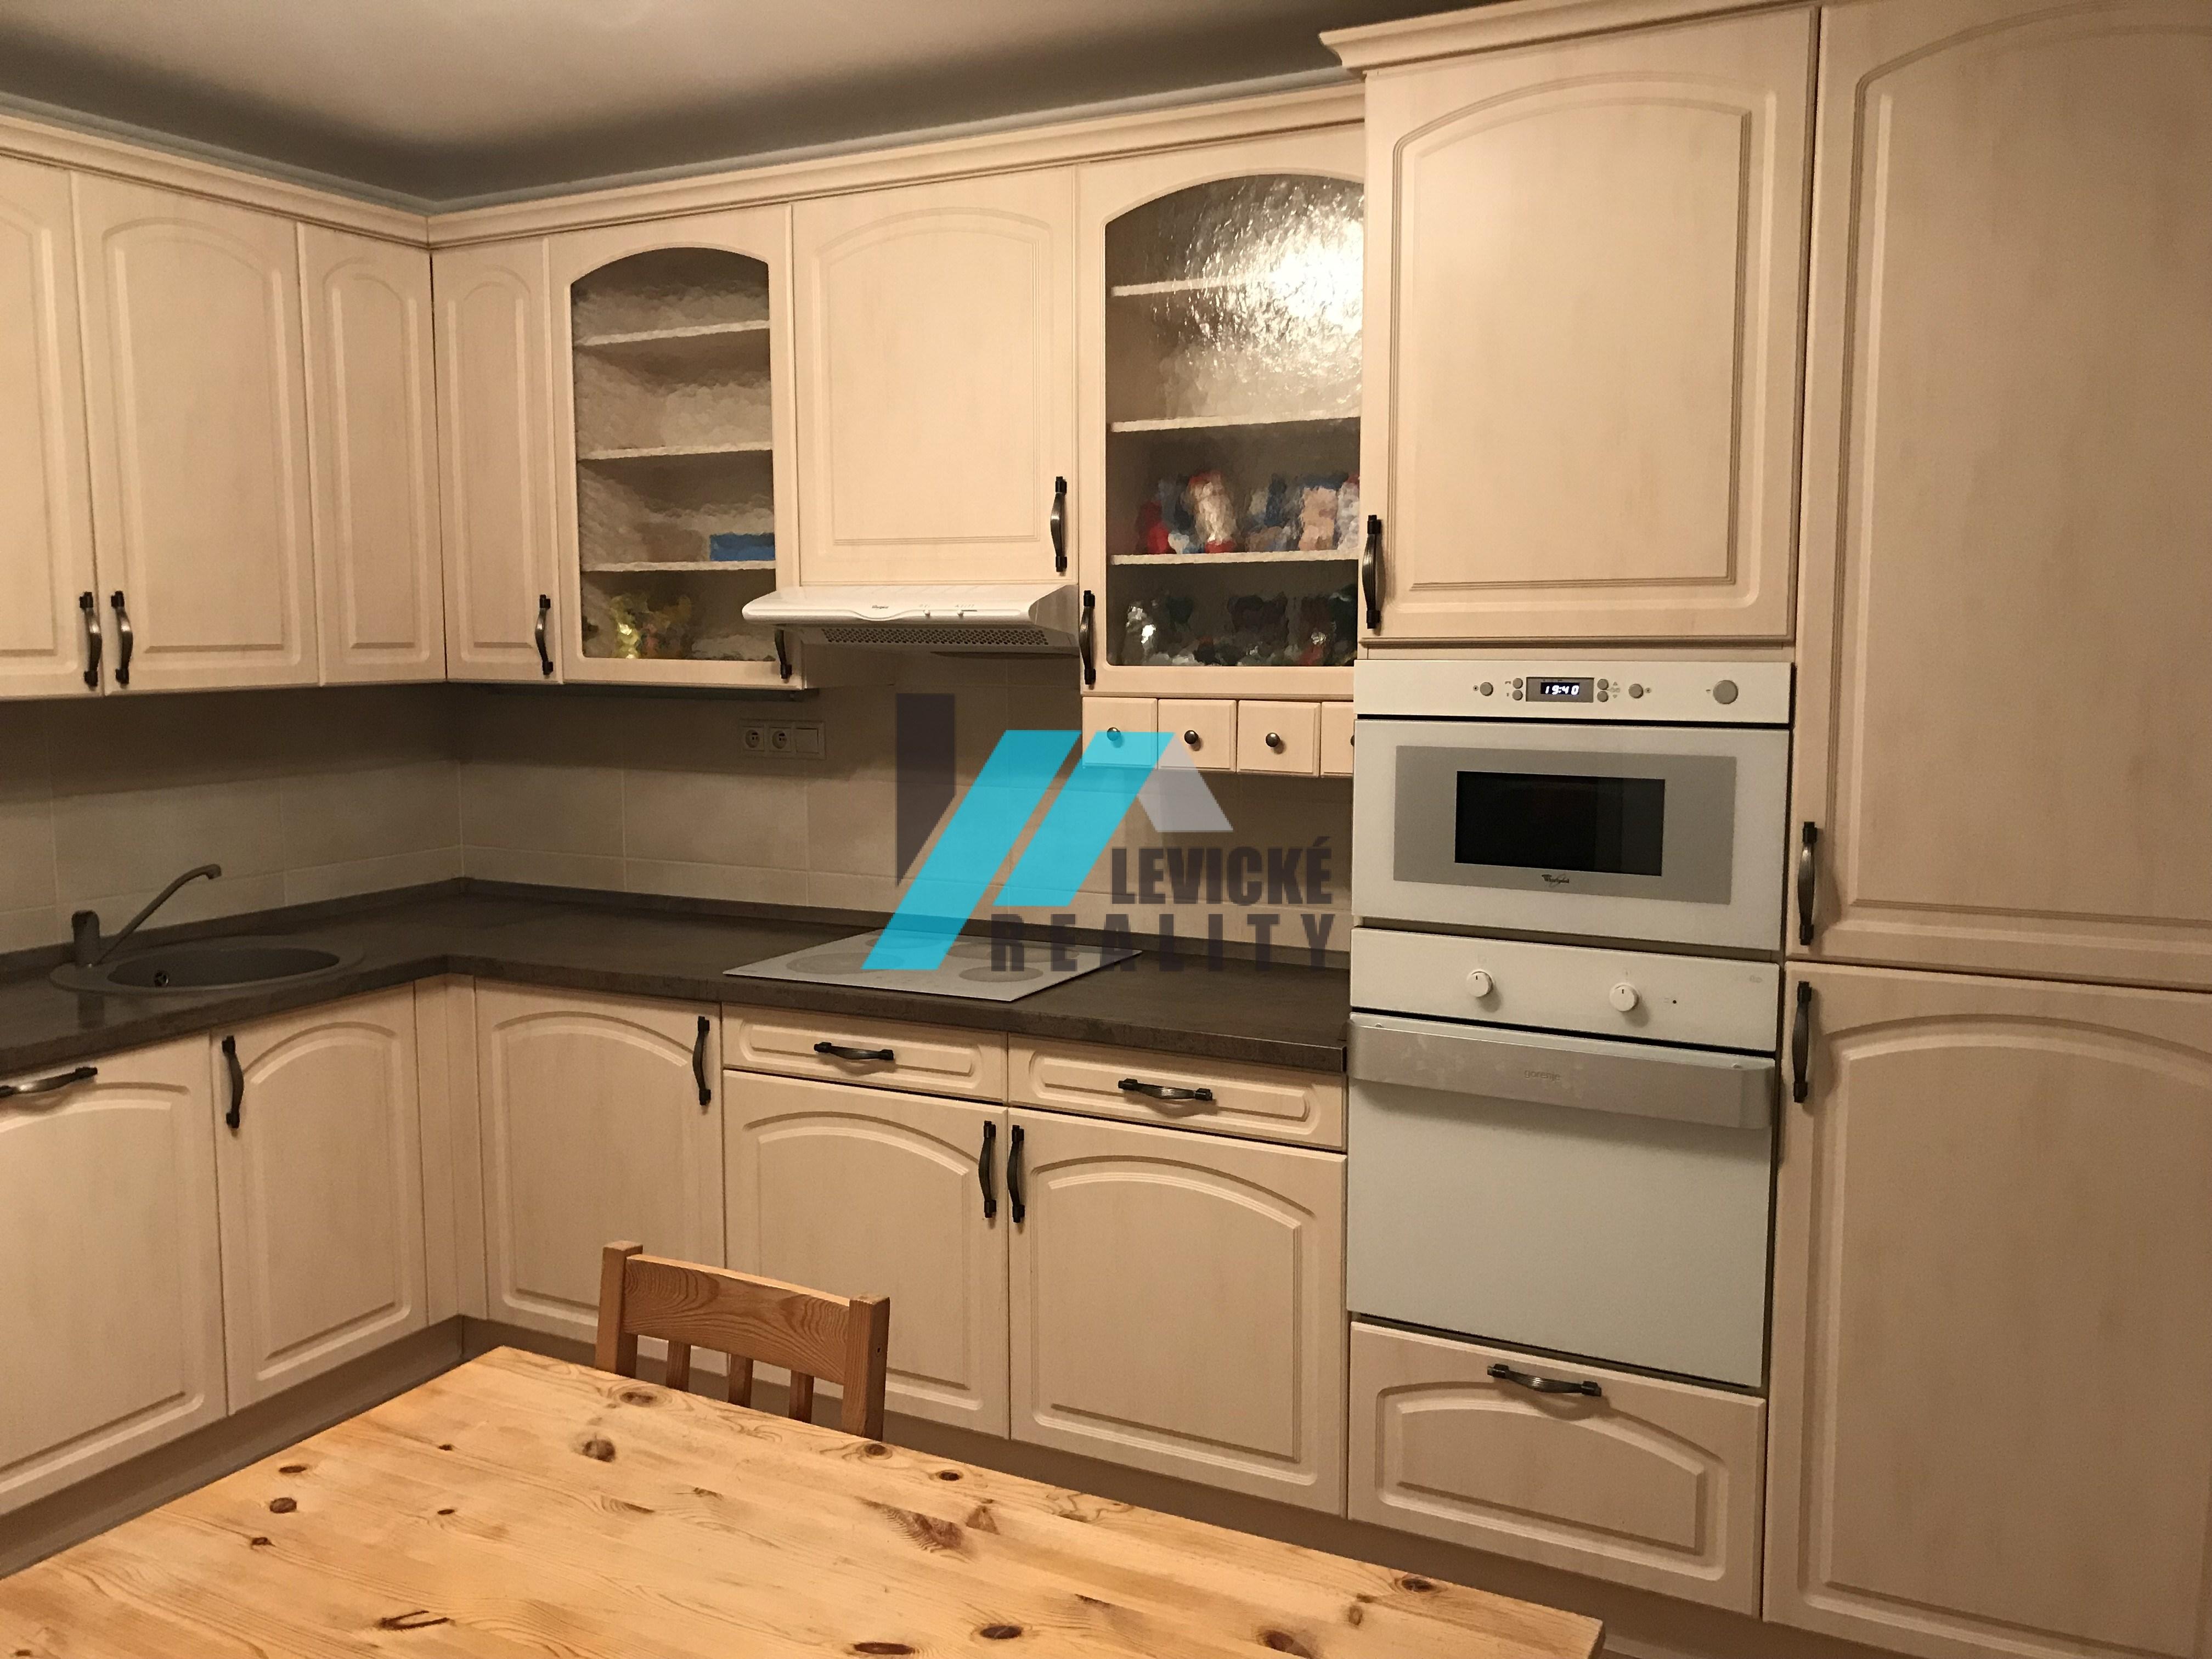 REZERVOVANÉ !! Ponúkam na predaj 4 izbový byt po kompletnej rekonštrukcií prerobený na 3 izbový.